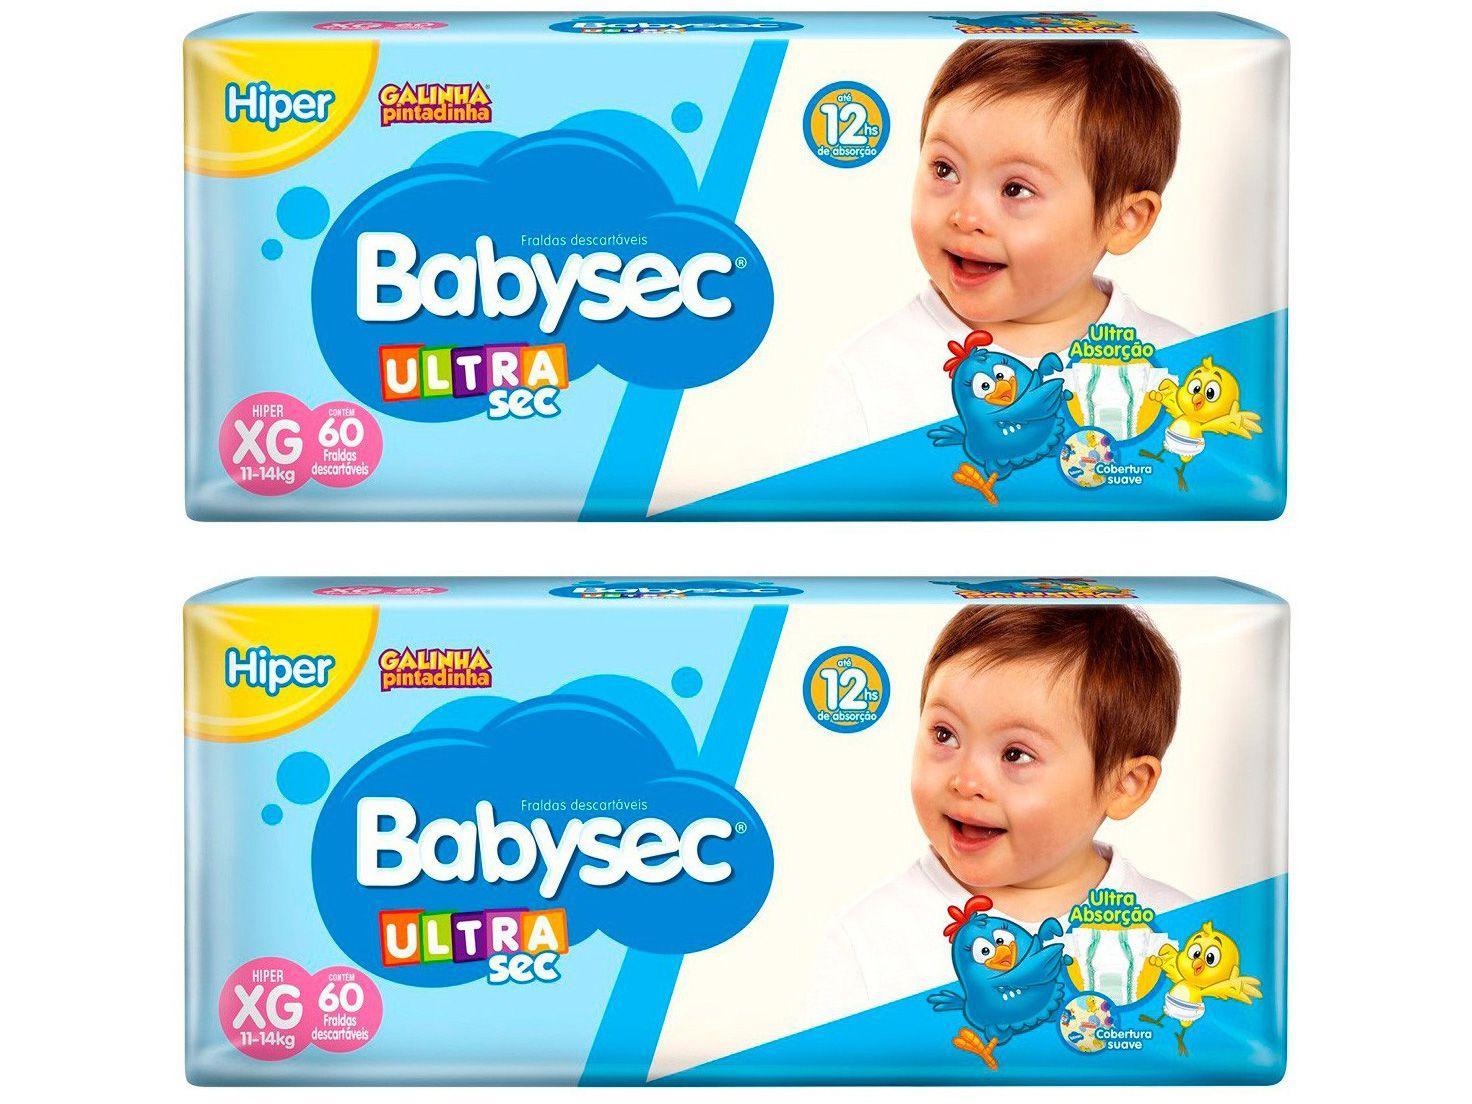 Kit Fraldas Babysec Ultrasec Galinha Pintadinha - Tam. XG 11 a 14kg 2 Pacotes com 60 Unidades Cada